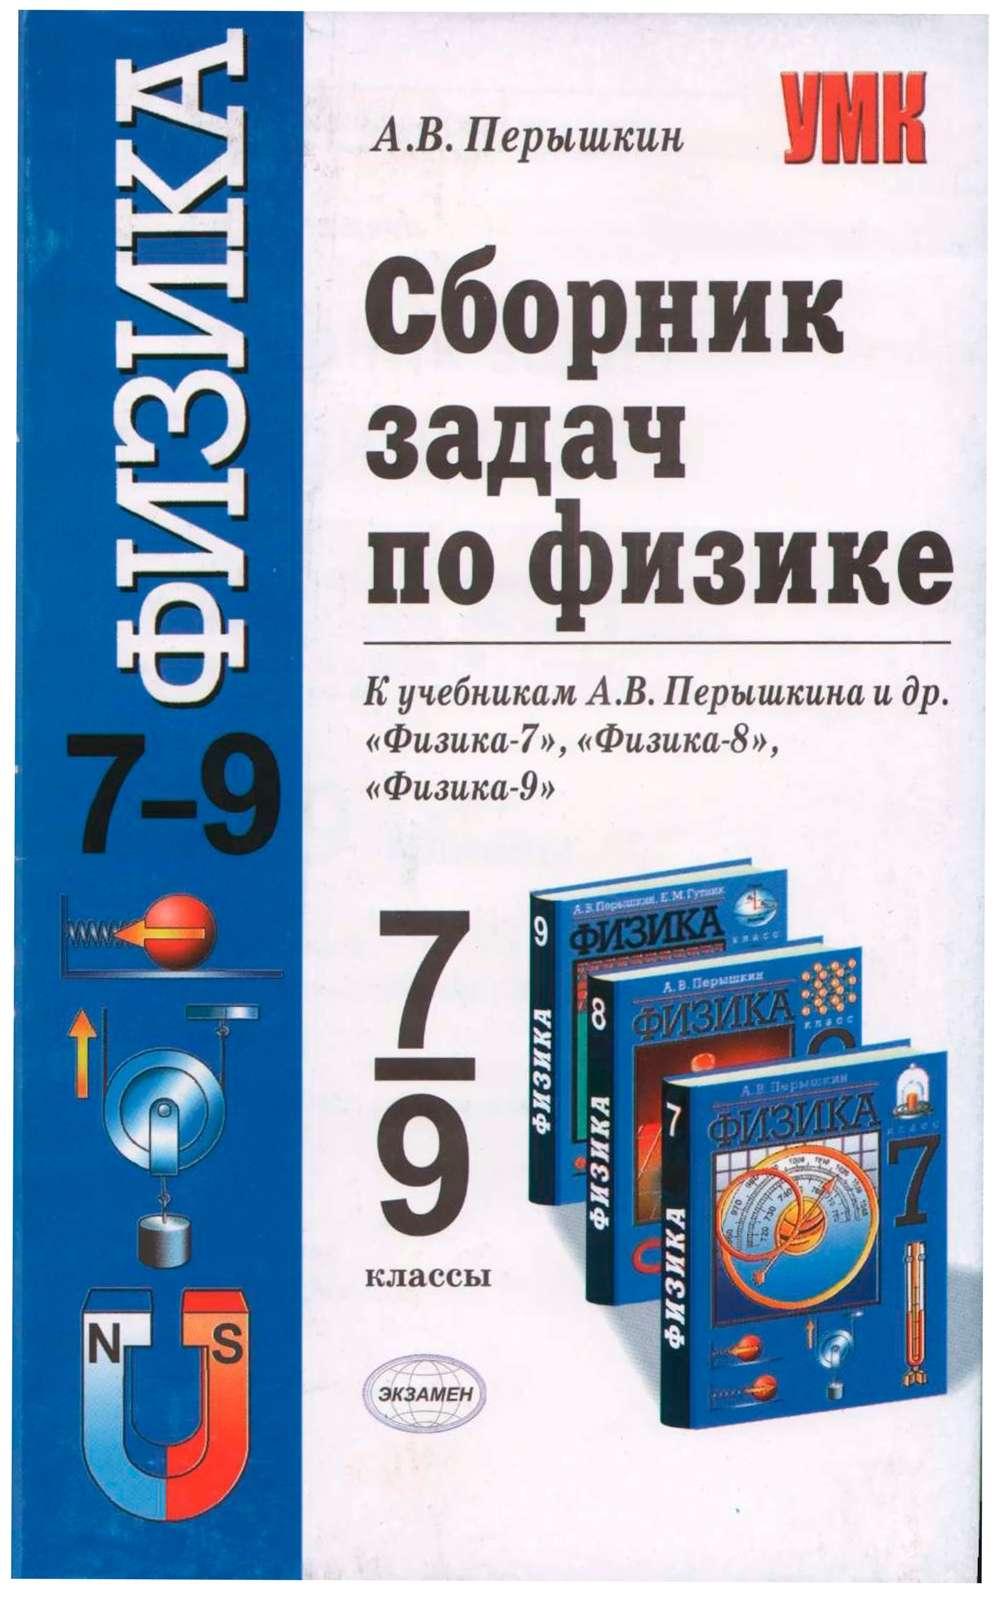 Задание № 795. Сборник задач по физике, 7-9 класс, лукашик в. И.